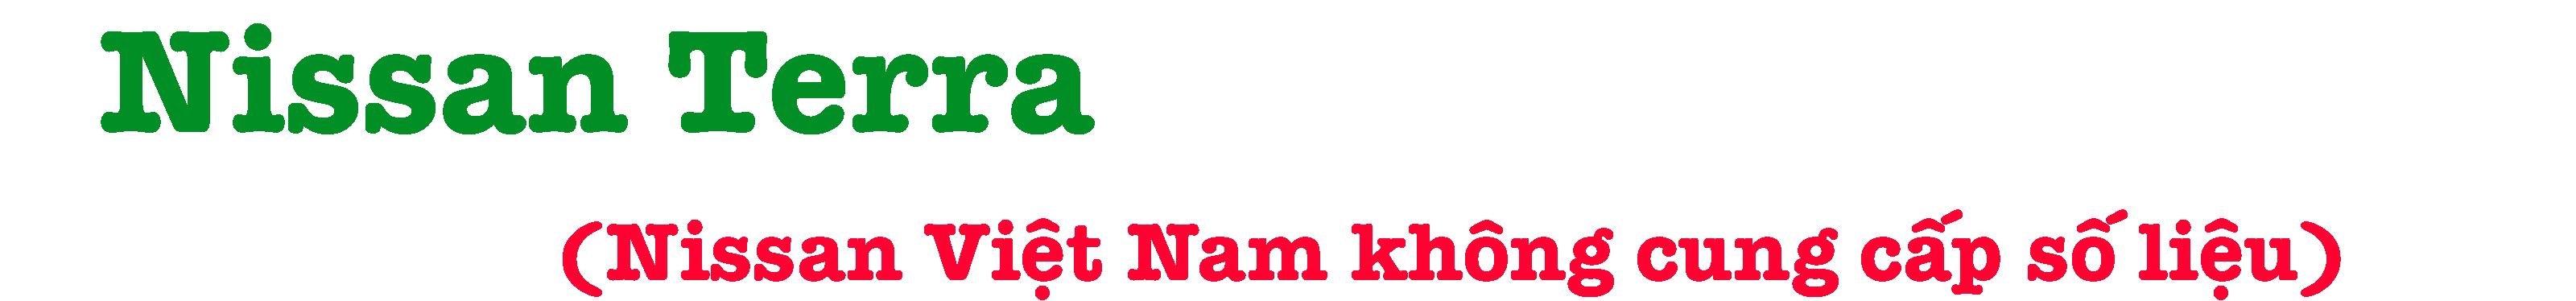 Phân khúc SUV 7 chỗ tháng 6/2019: Người Việt chọn xe nào nhiều nhất? - 15